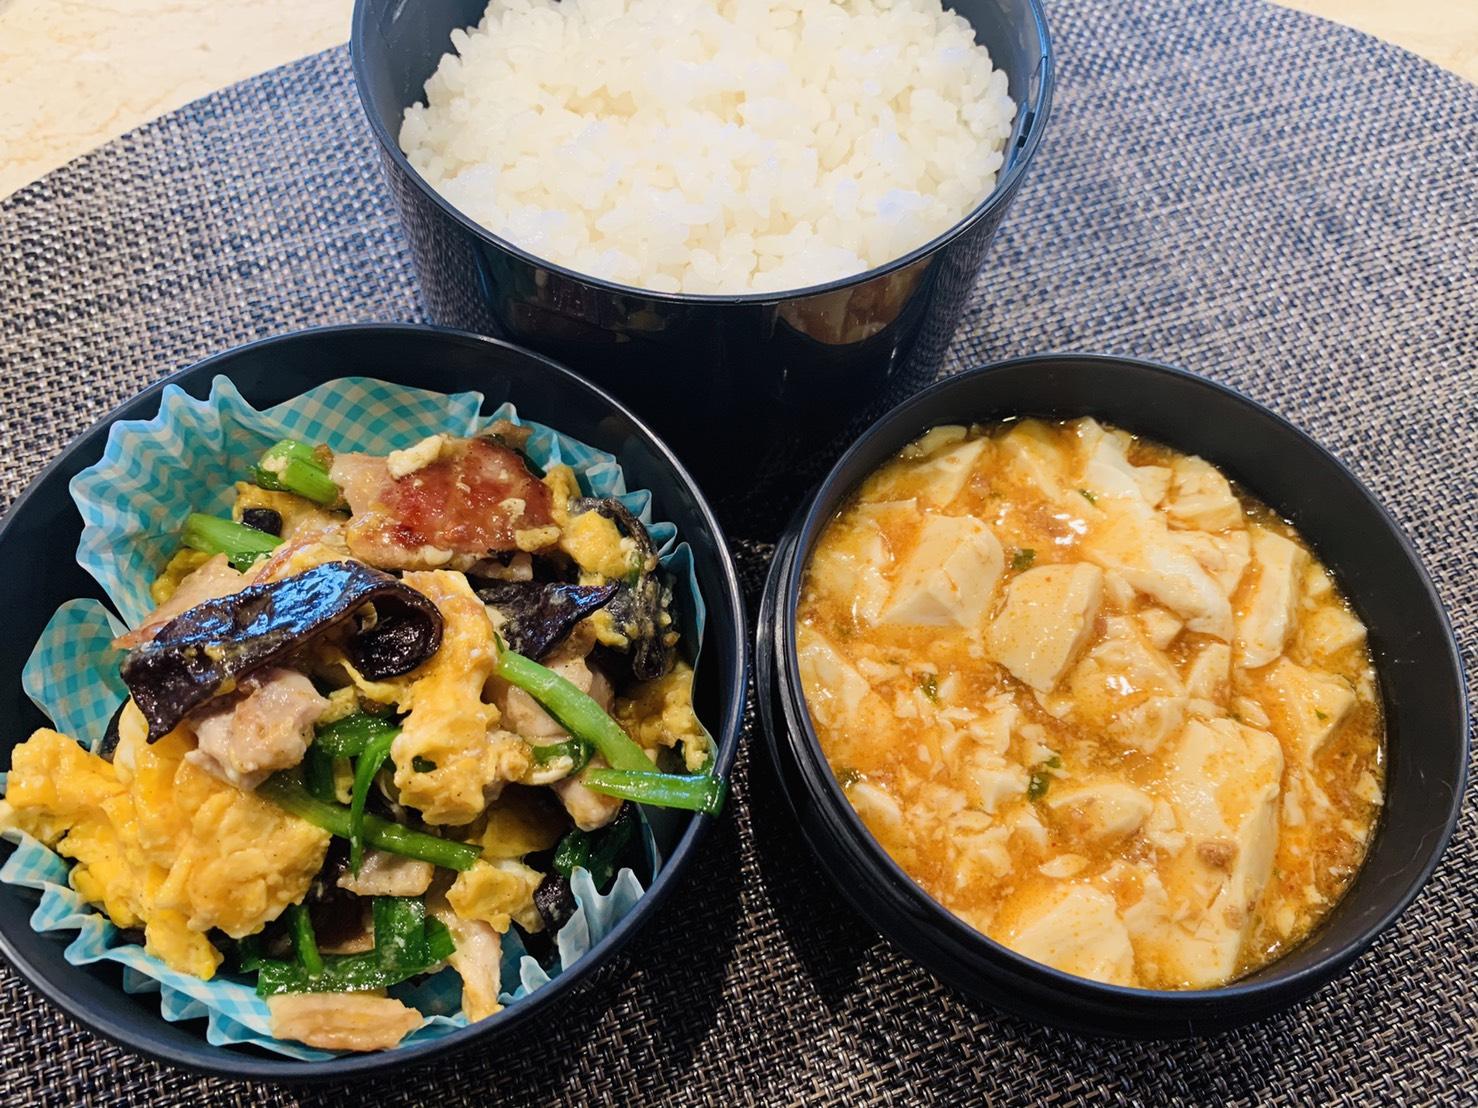 「豚ニラ玉&麻婆豆腐弁当」【連載企画】今江サチコさんの今月のアスリート弁当